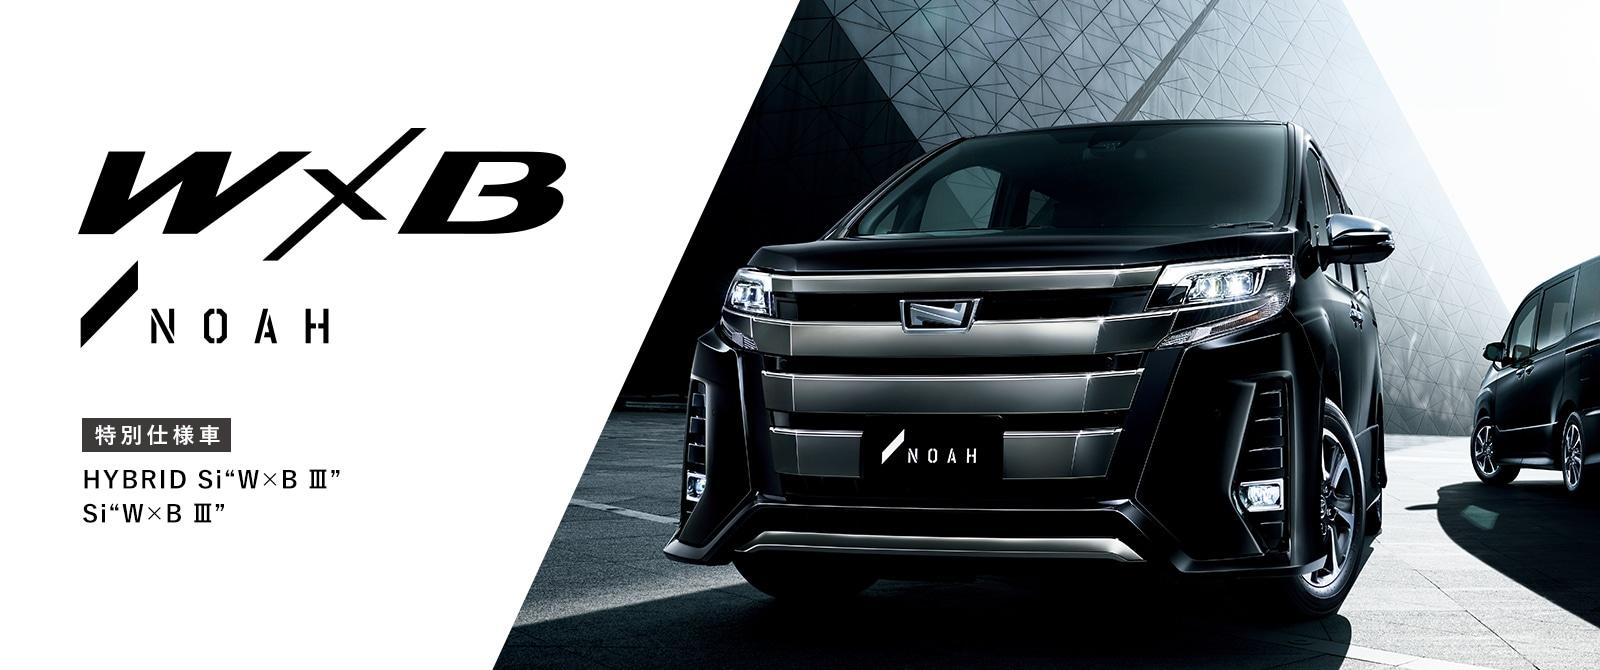 トヨタ ノア | トヨタ自動車WEBサイト